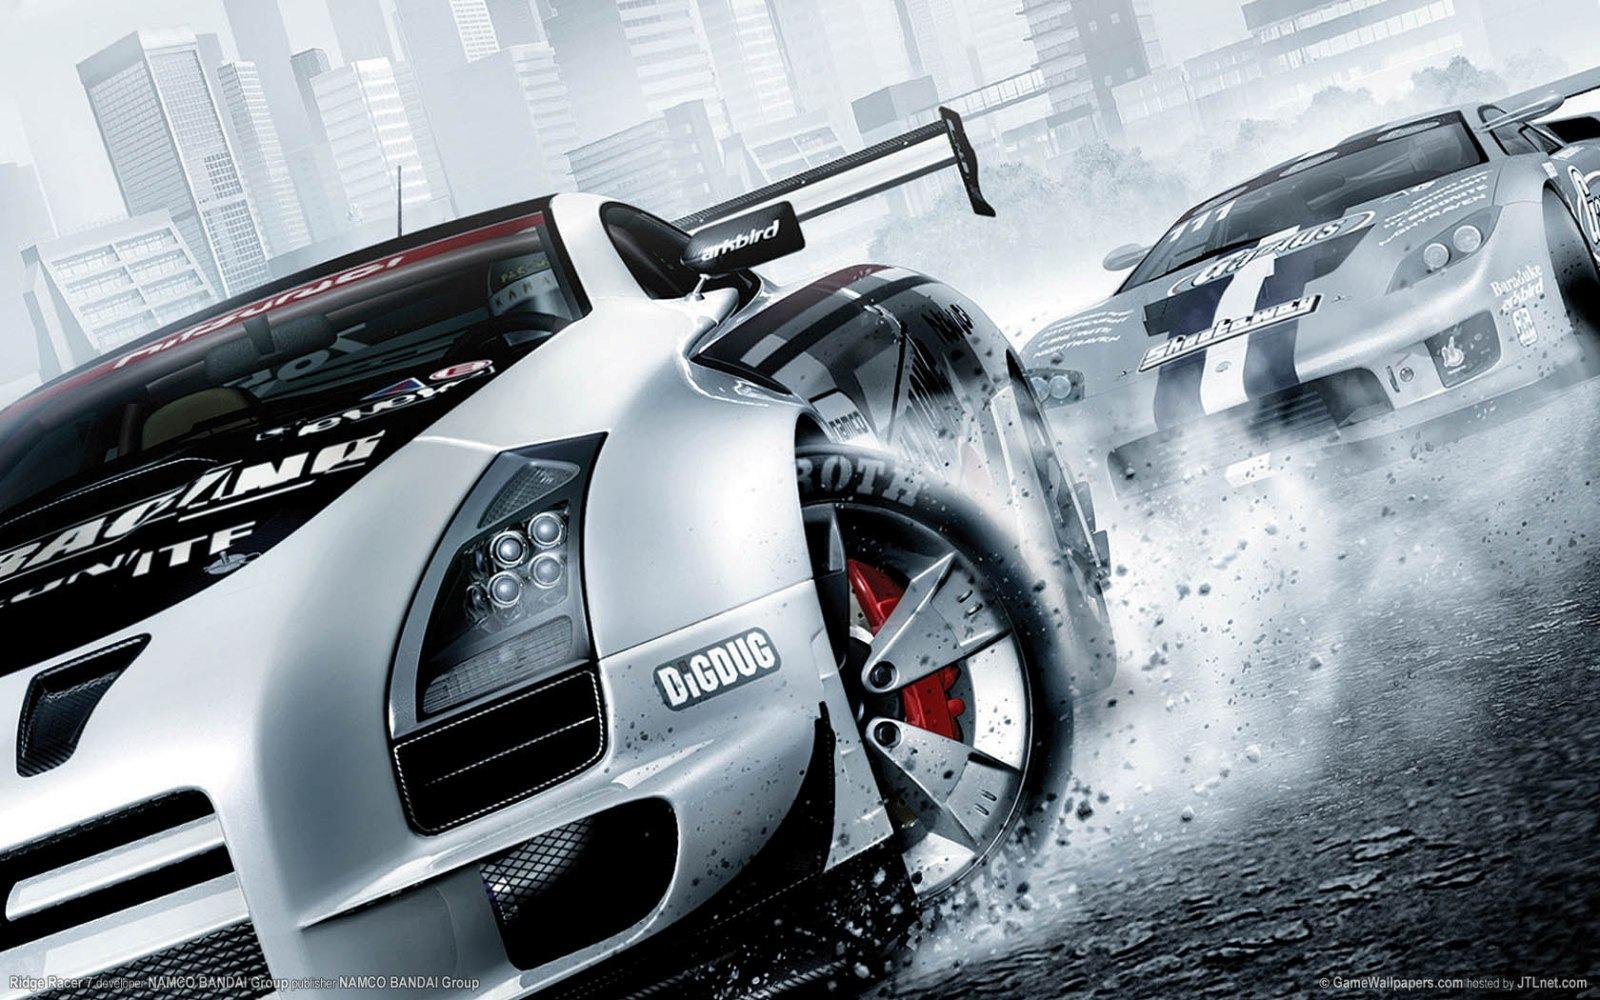 http://3.bp.blogspot.com/_YtUTU8LhjKU/S_rULi802hI/AAAAAAAAACc/j8UmqiOH9ZI/s1600/wallpaper_ridge_racer.jpg